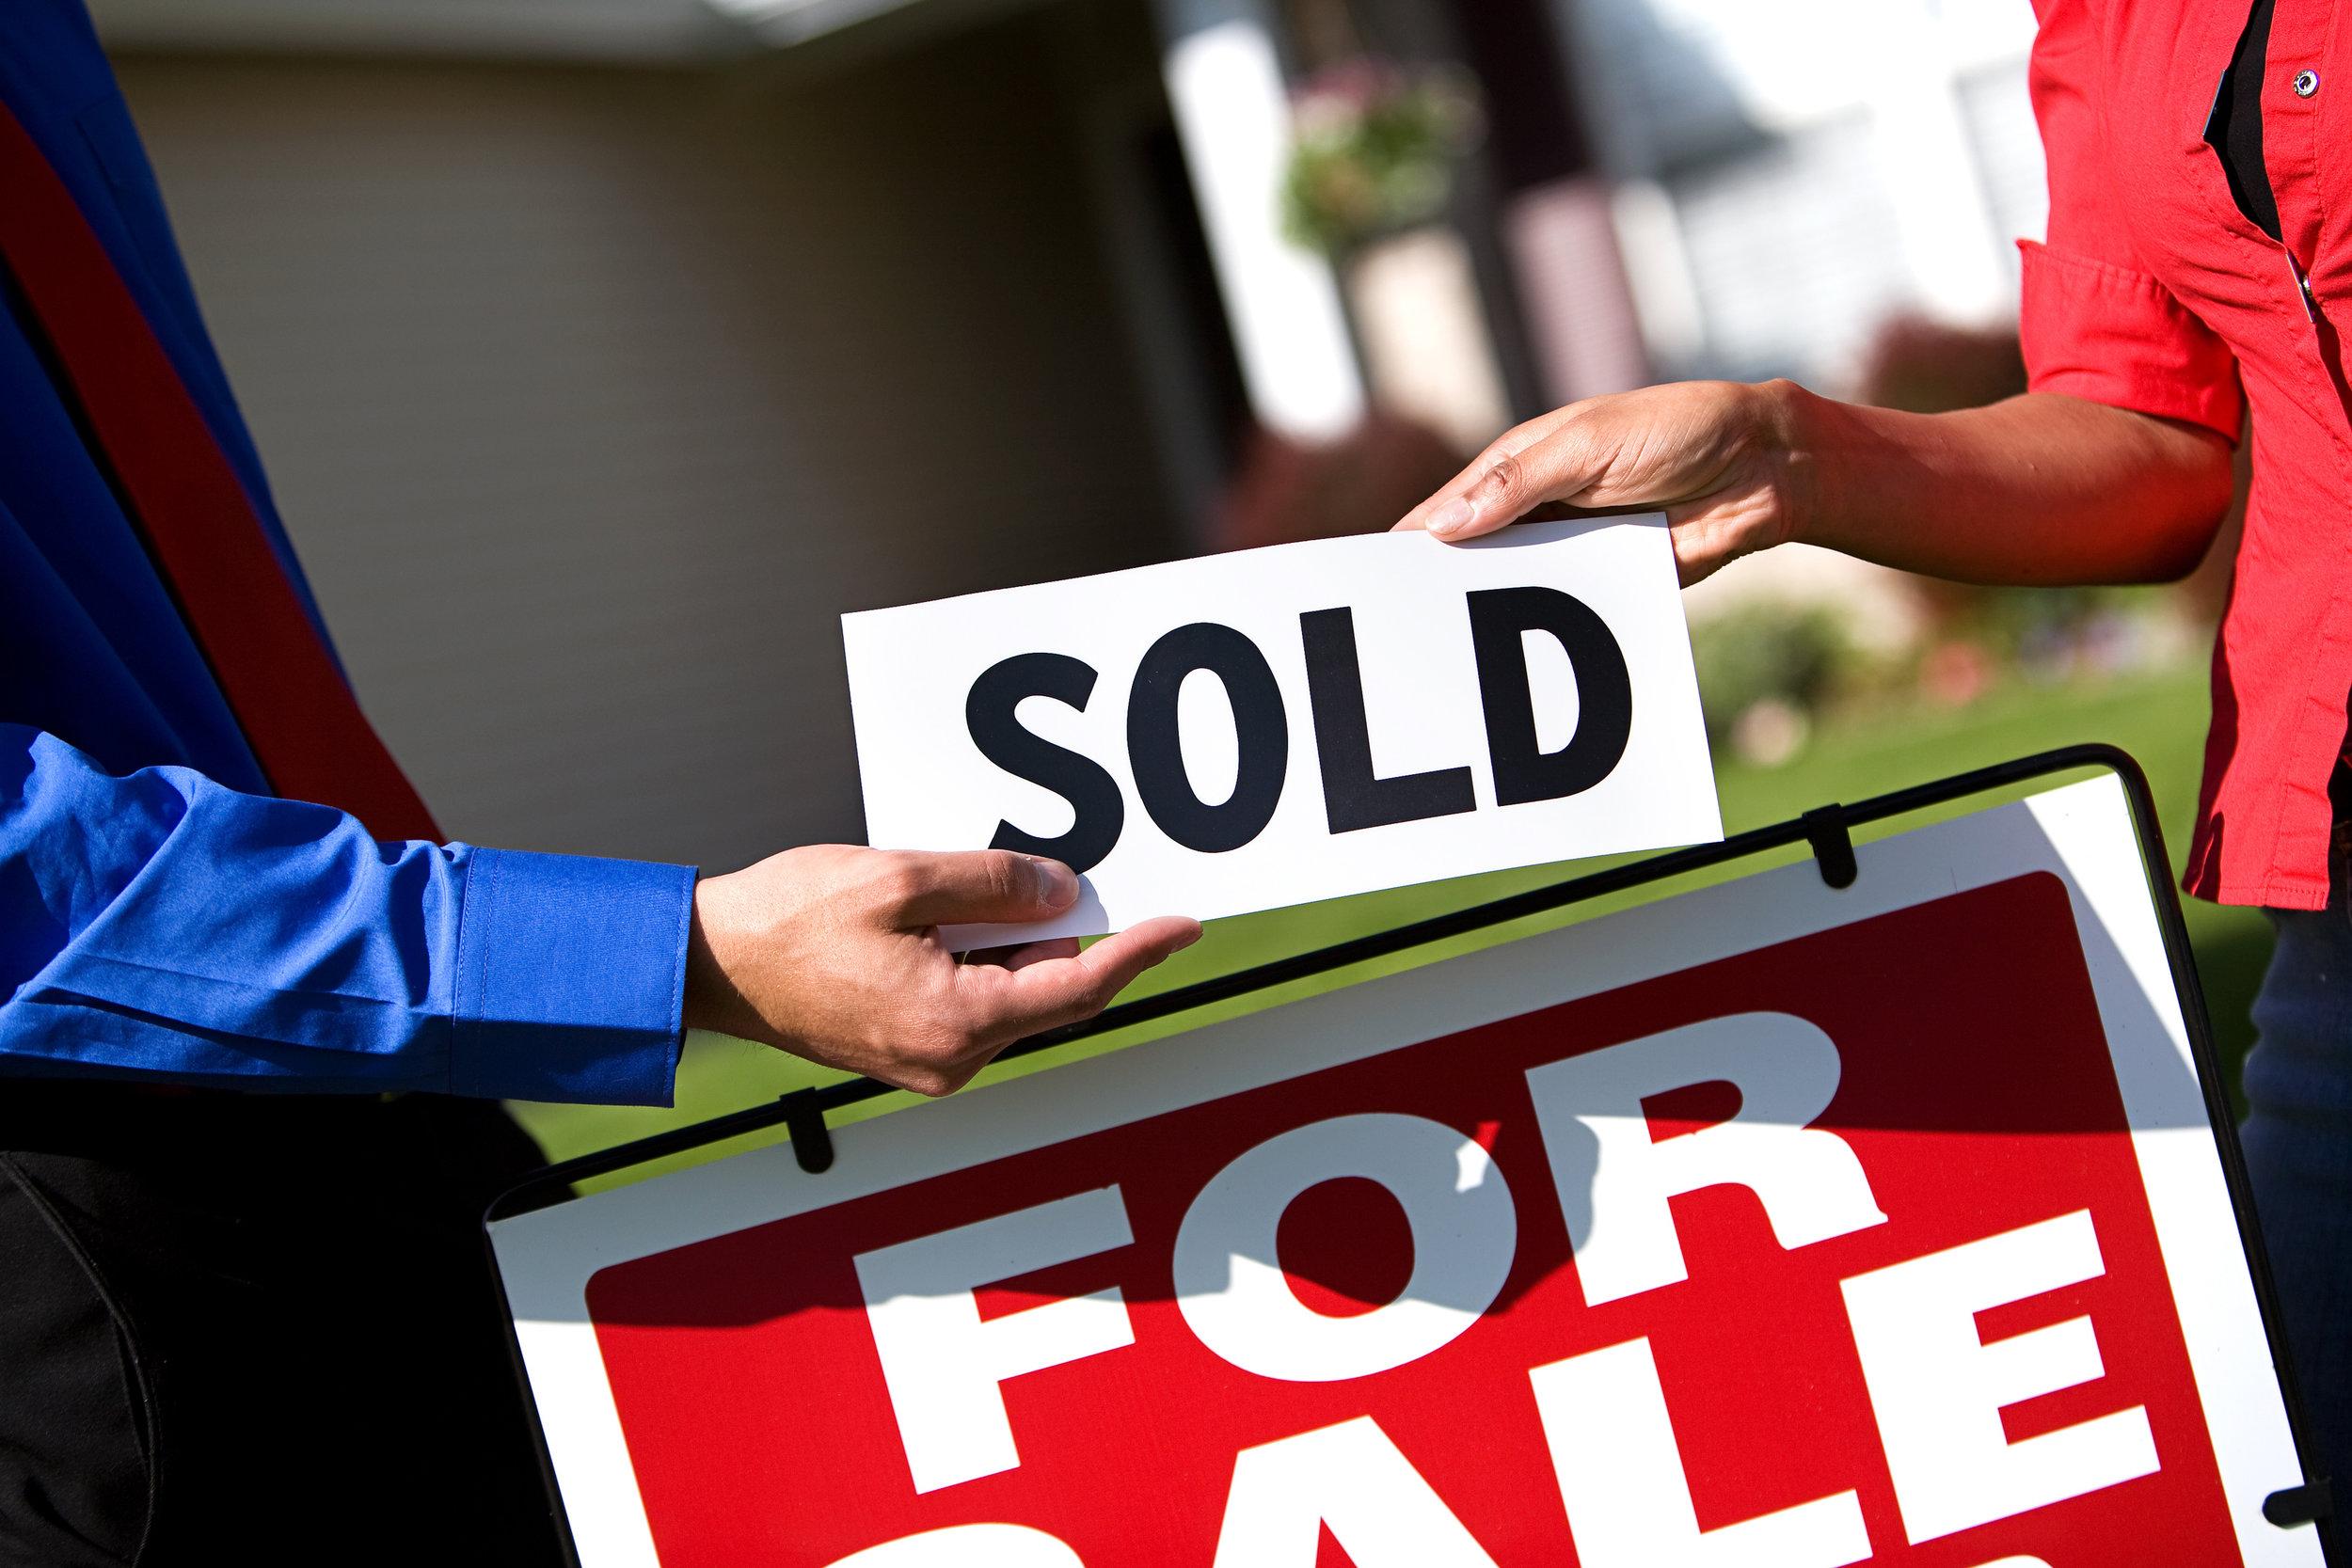 We Buy Houses Bonner Springs